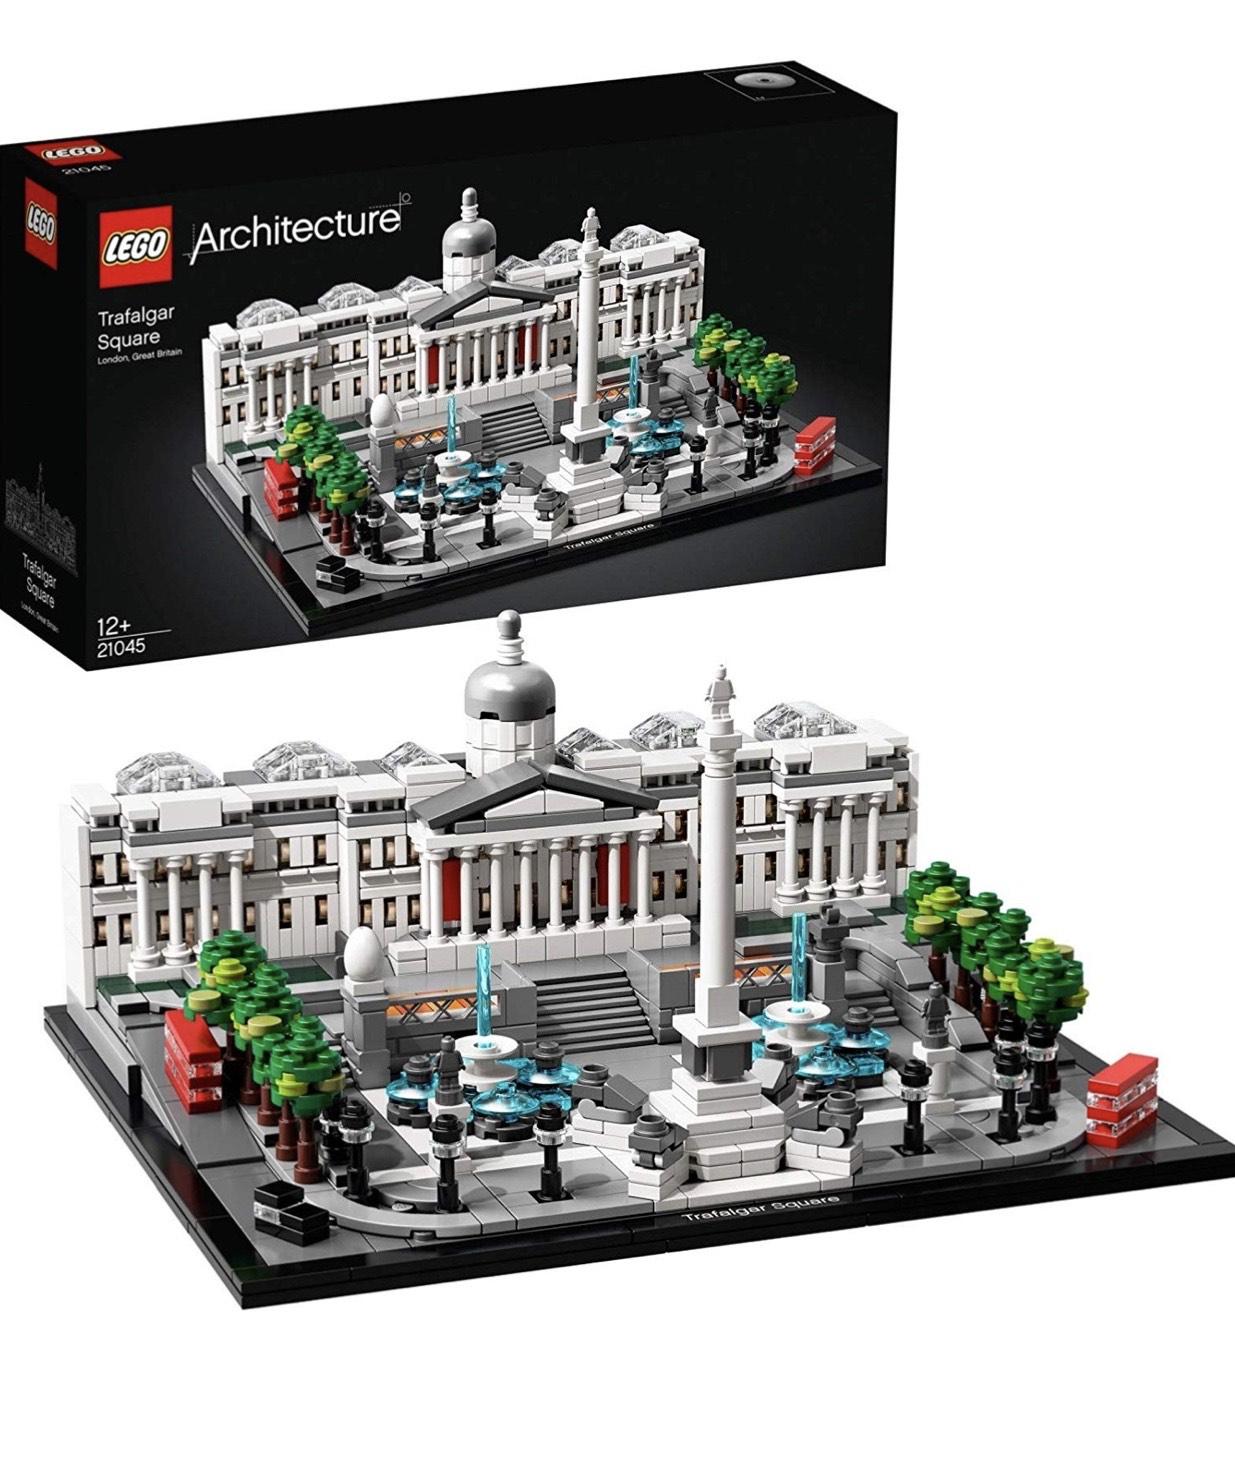 LEGO Architecture 21045 - Trafalgar Square, 1197 Pièces